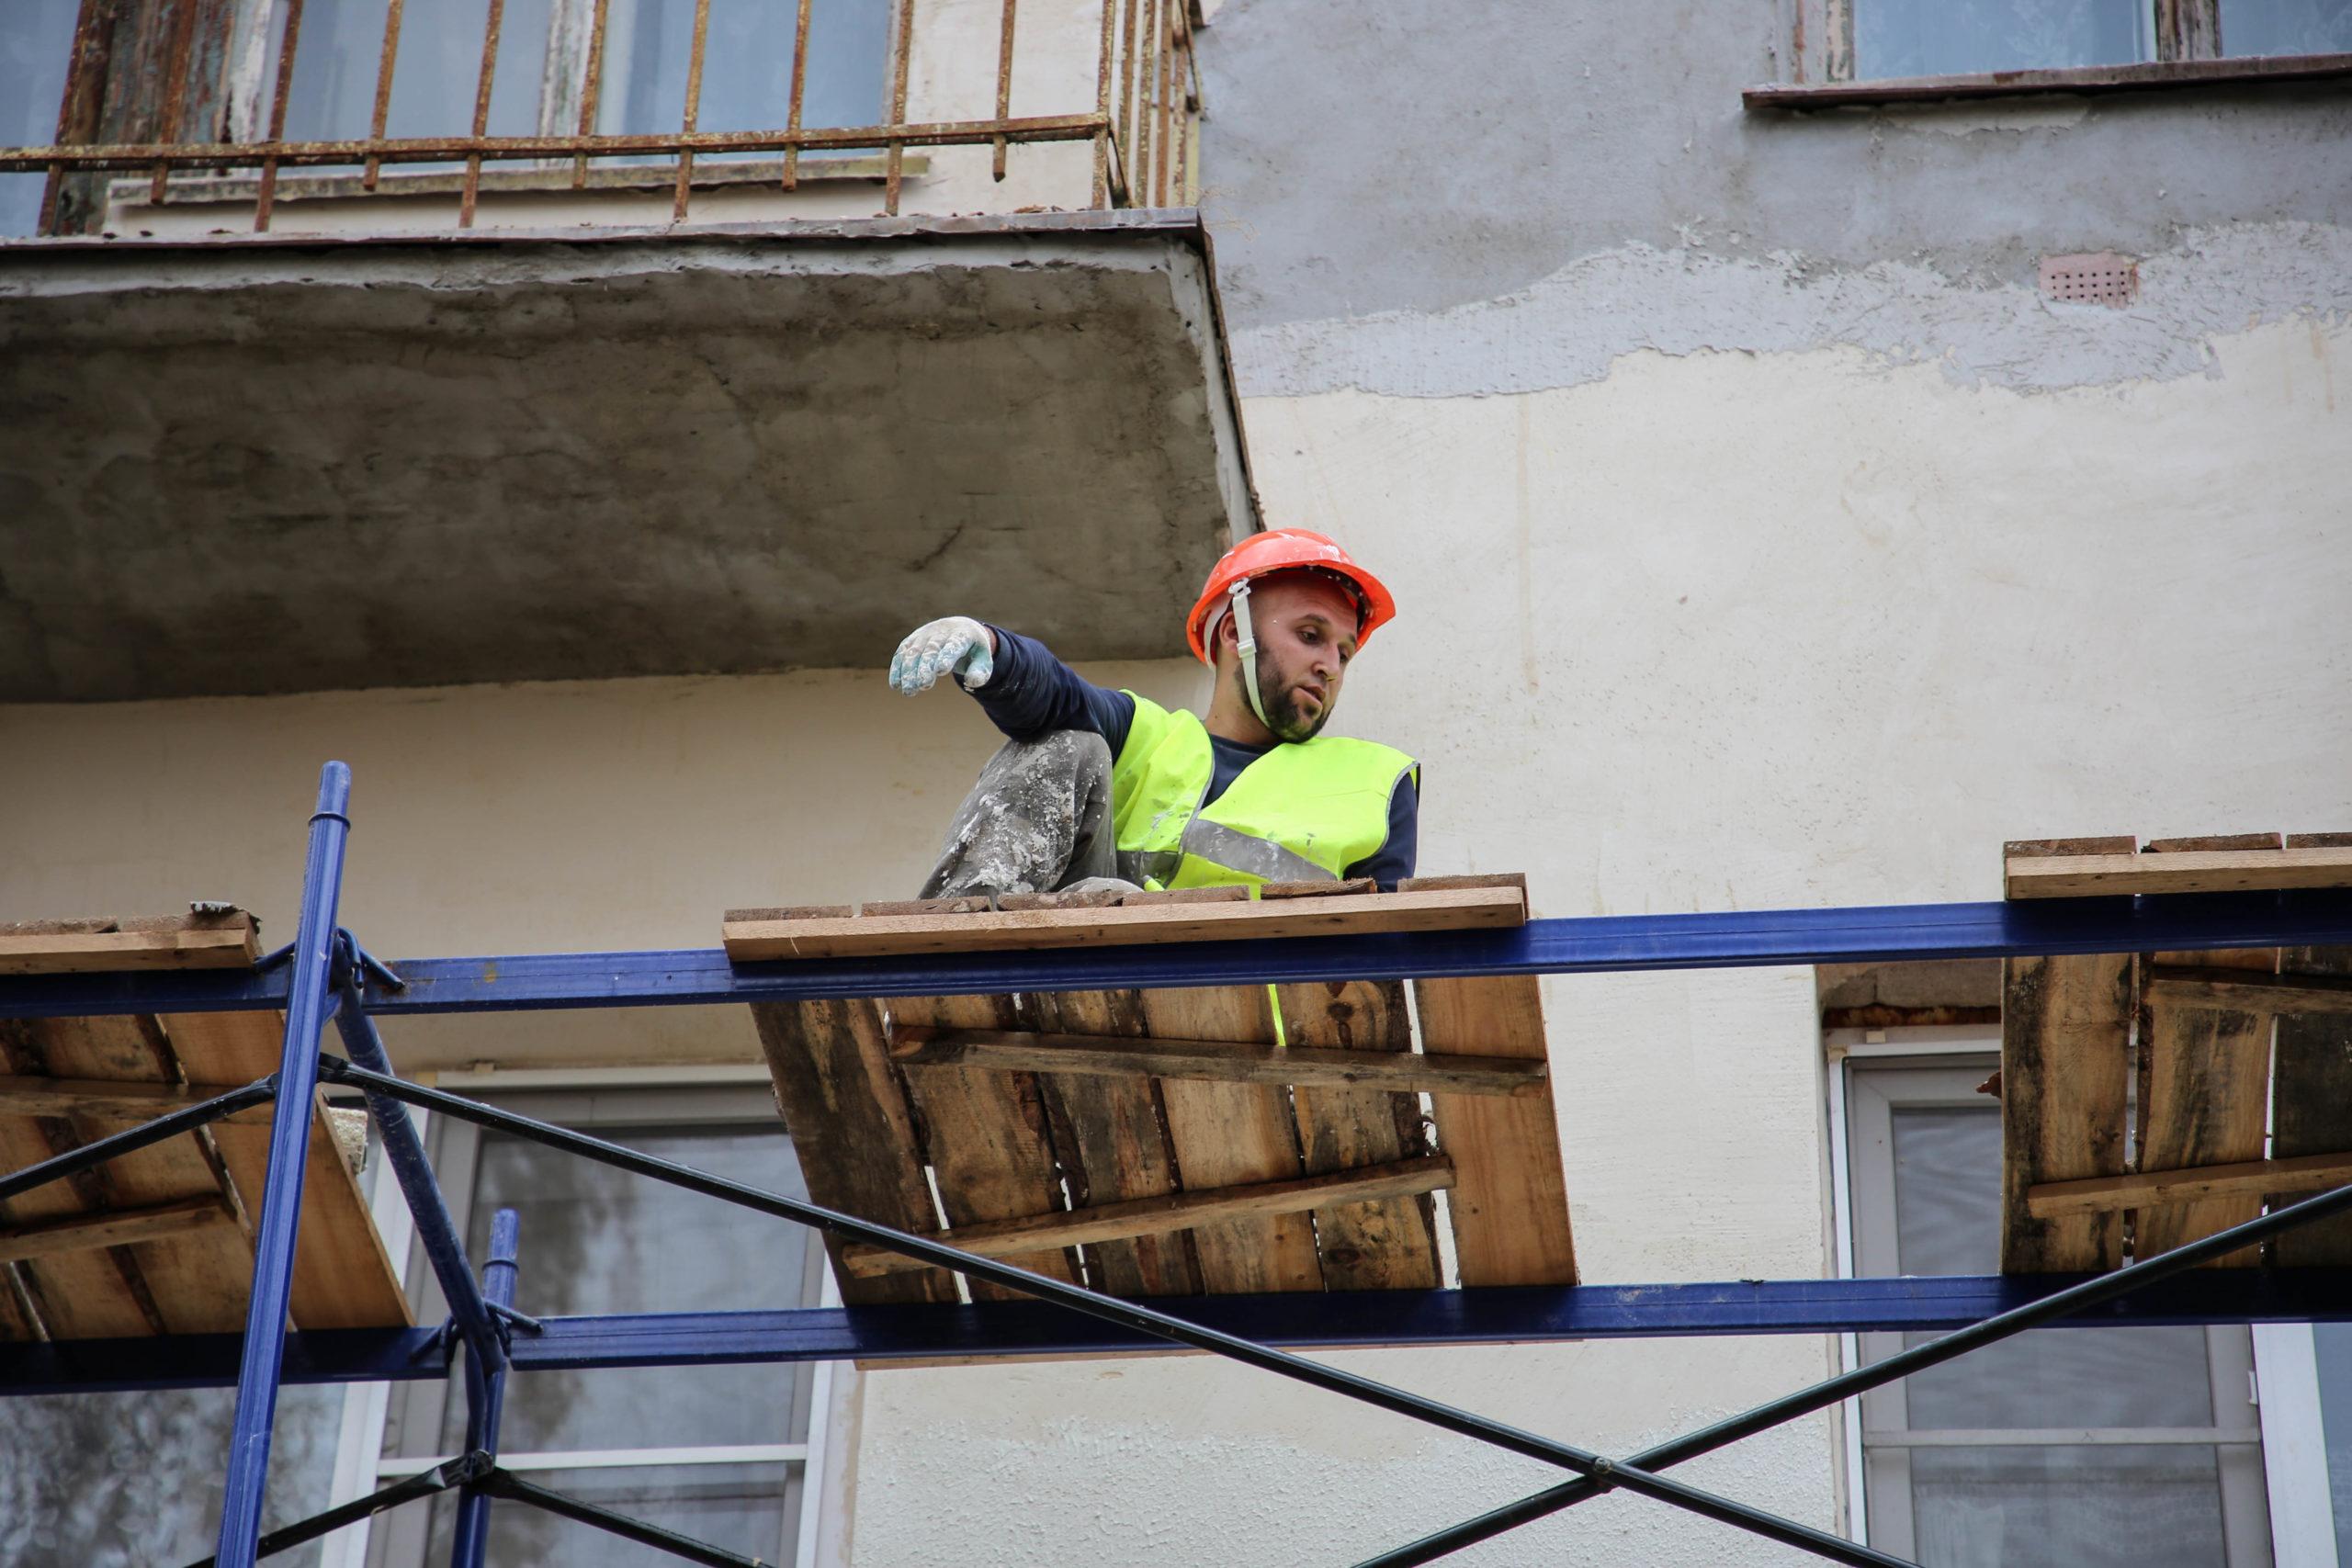 Рабочие муки: места, где в Тверской области нельзя трудиться иностранцам